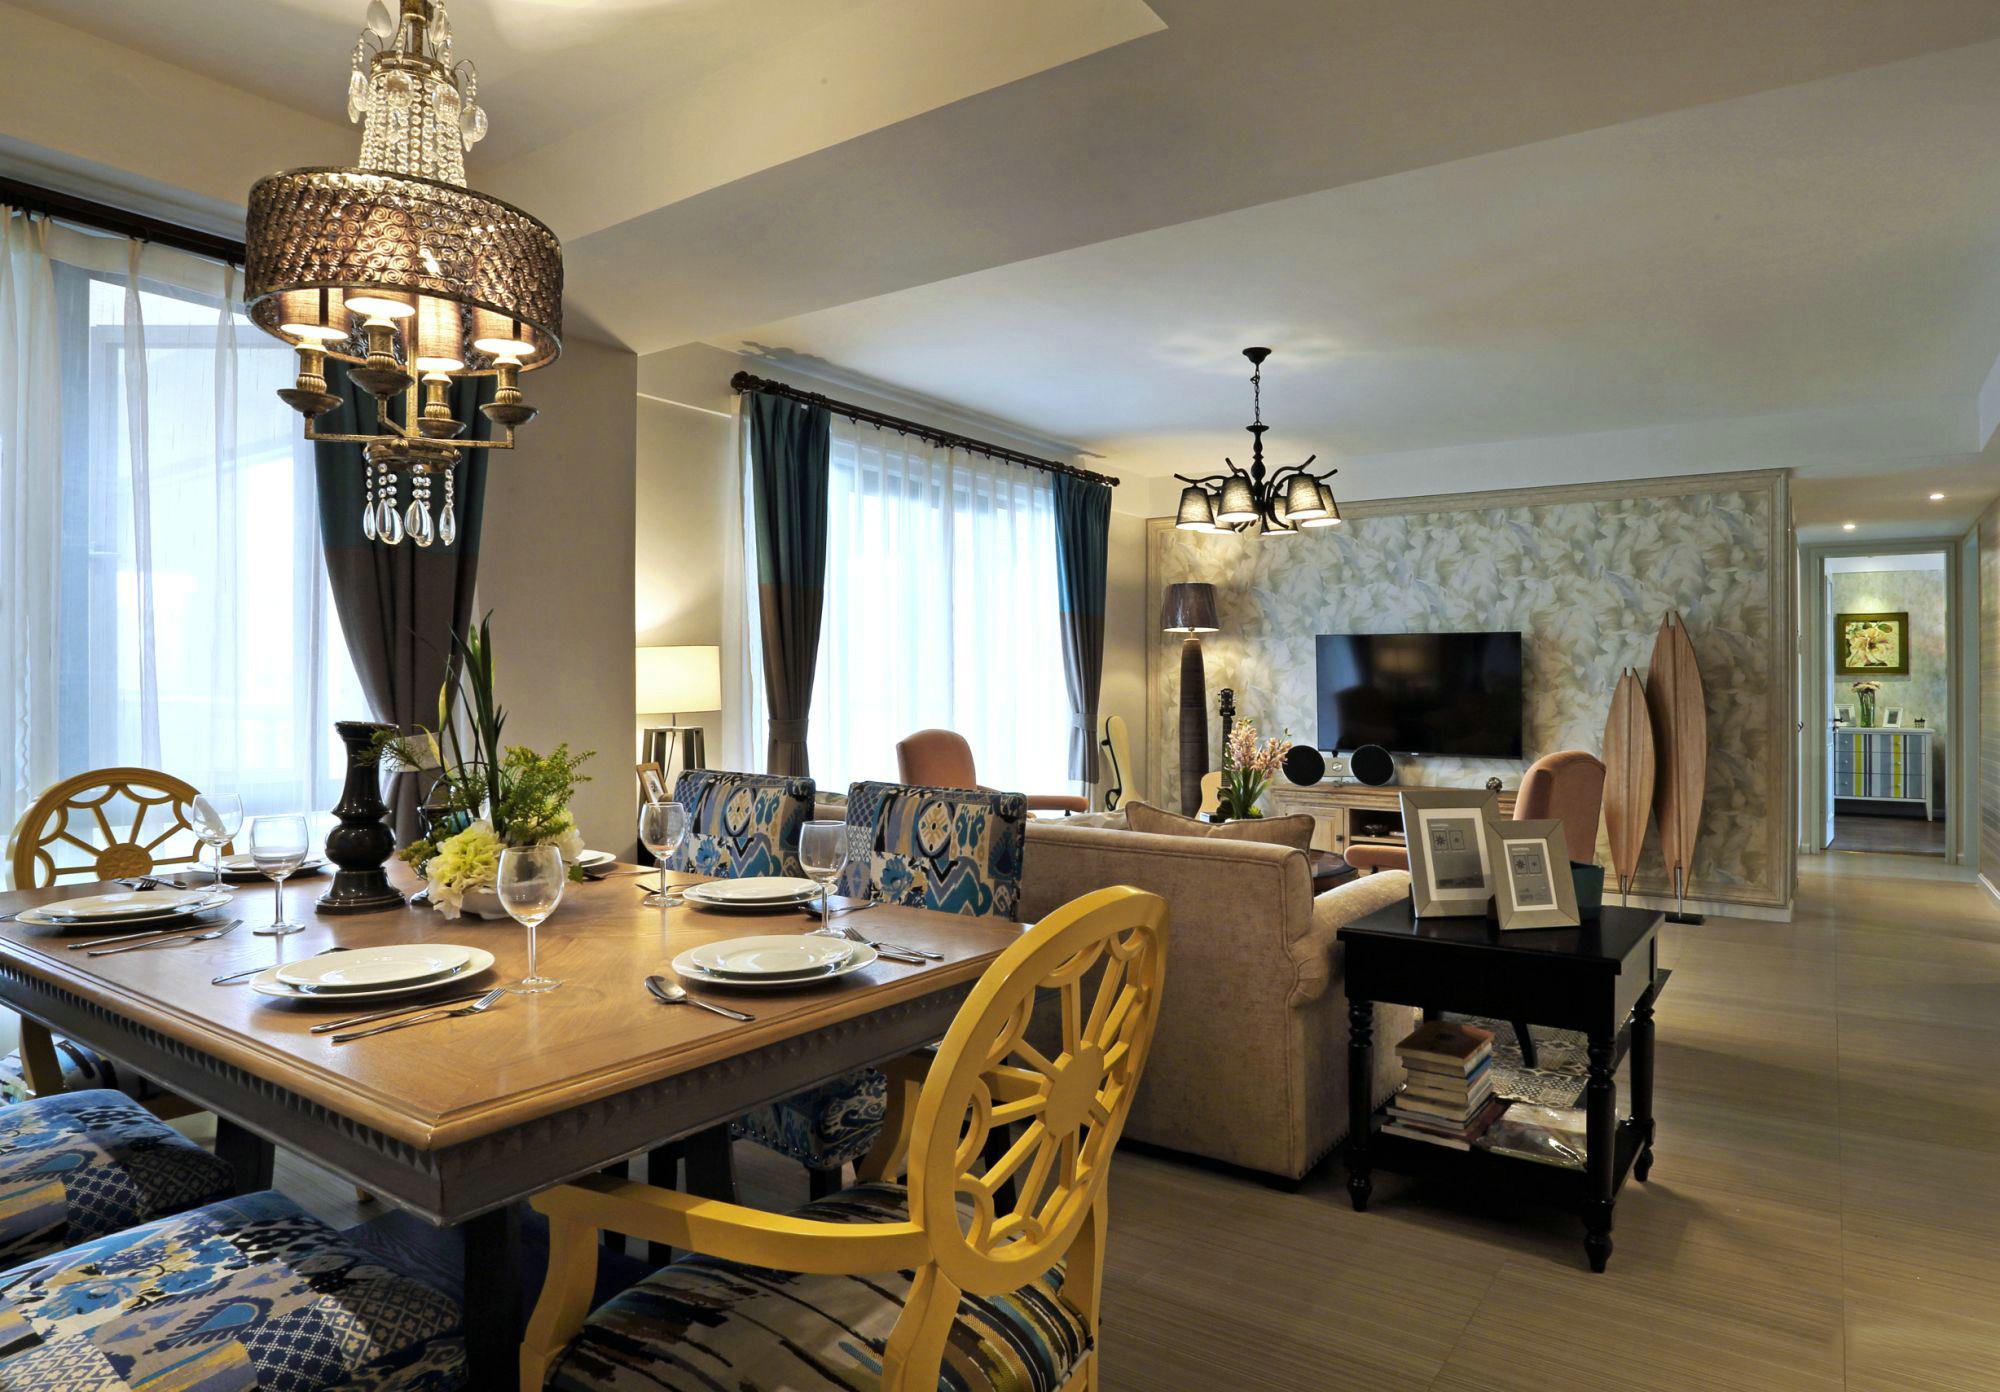 餐厅与客厅没有隔开,室内显得更加宽敞。